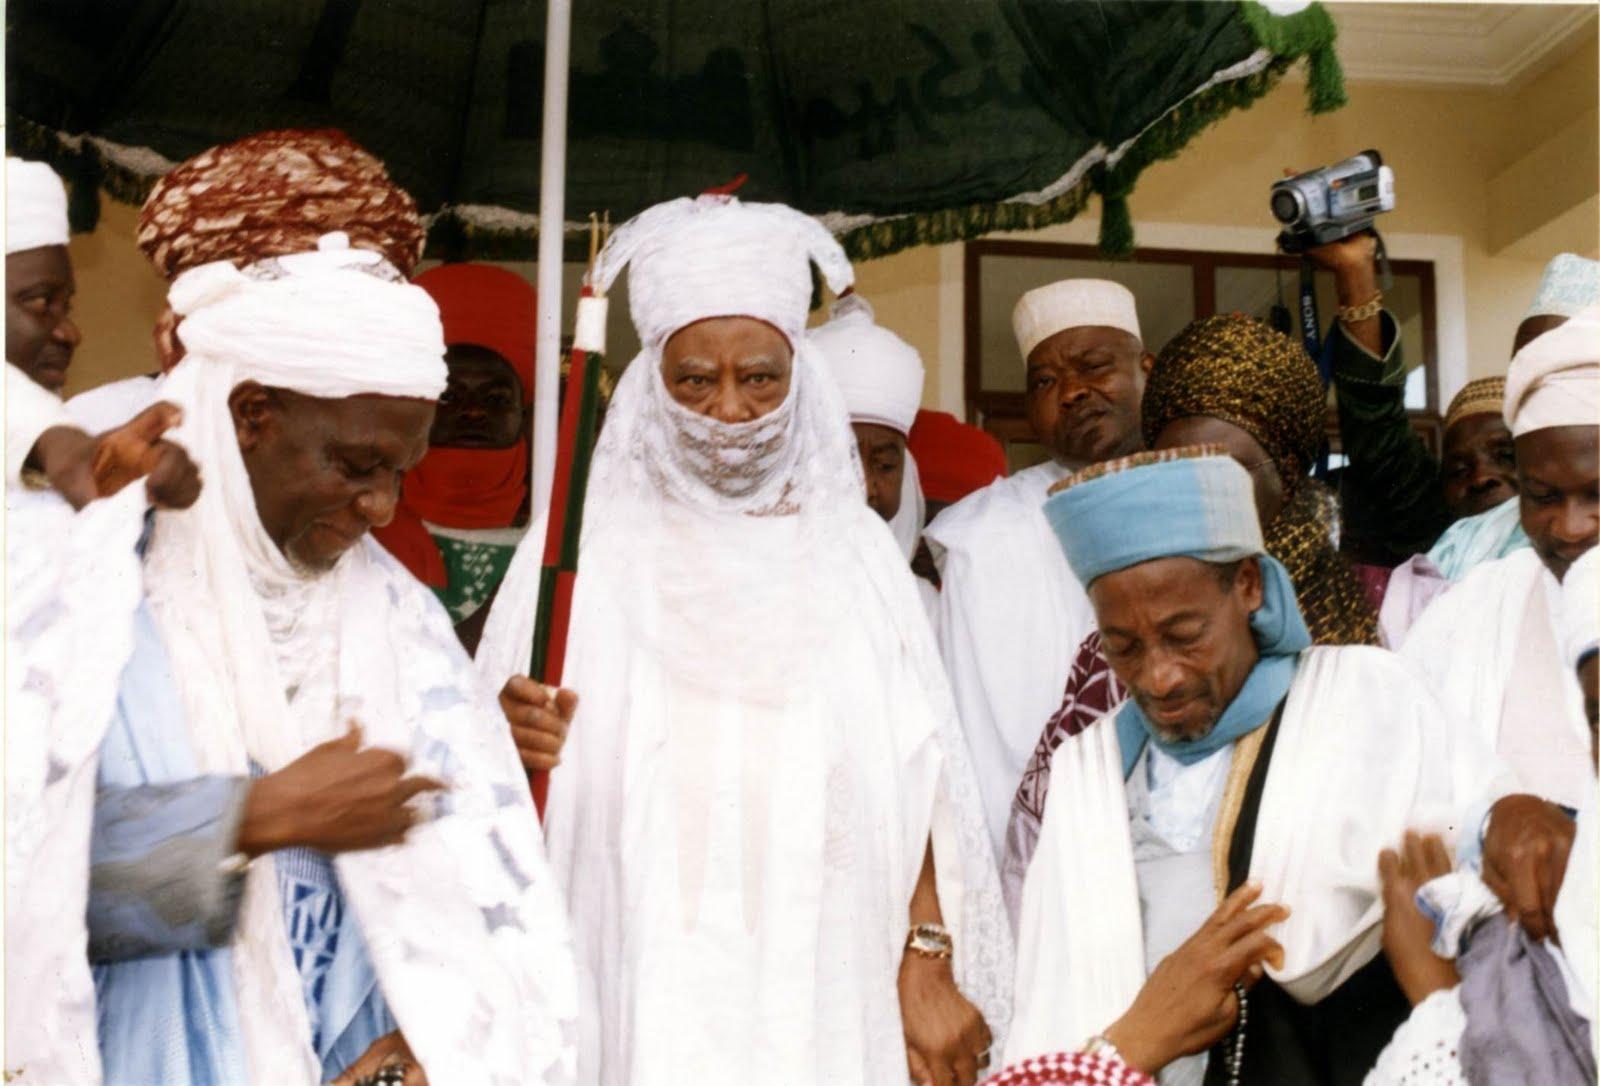 http://1.bp.blogspot.com/_nXCB4LUvARw/S_EEe2FiUxI/AAAAAAAABi4/-ZRWnITKoV8/s1600/emir+of+Kano+in+Kumasi.jpg